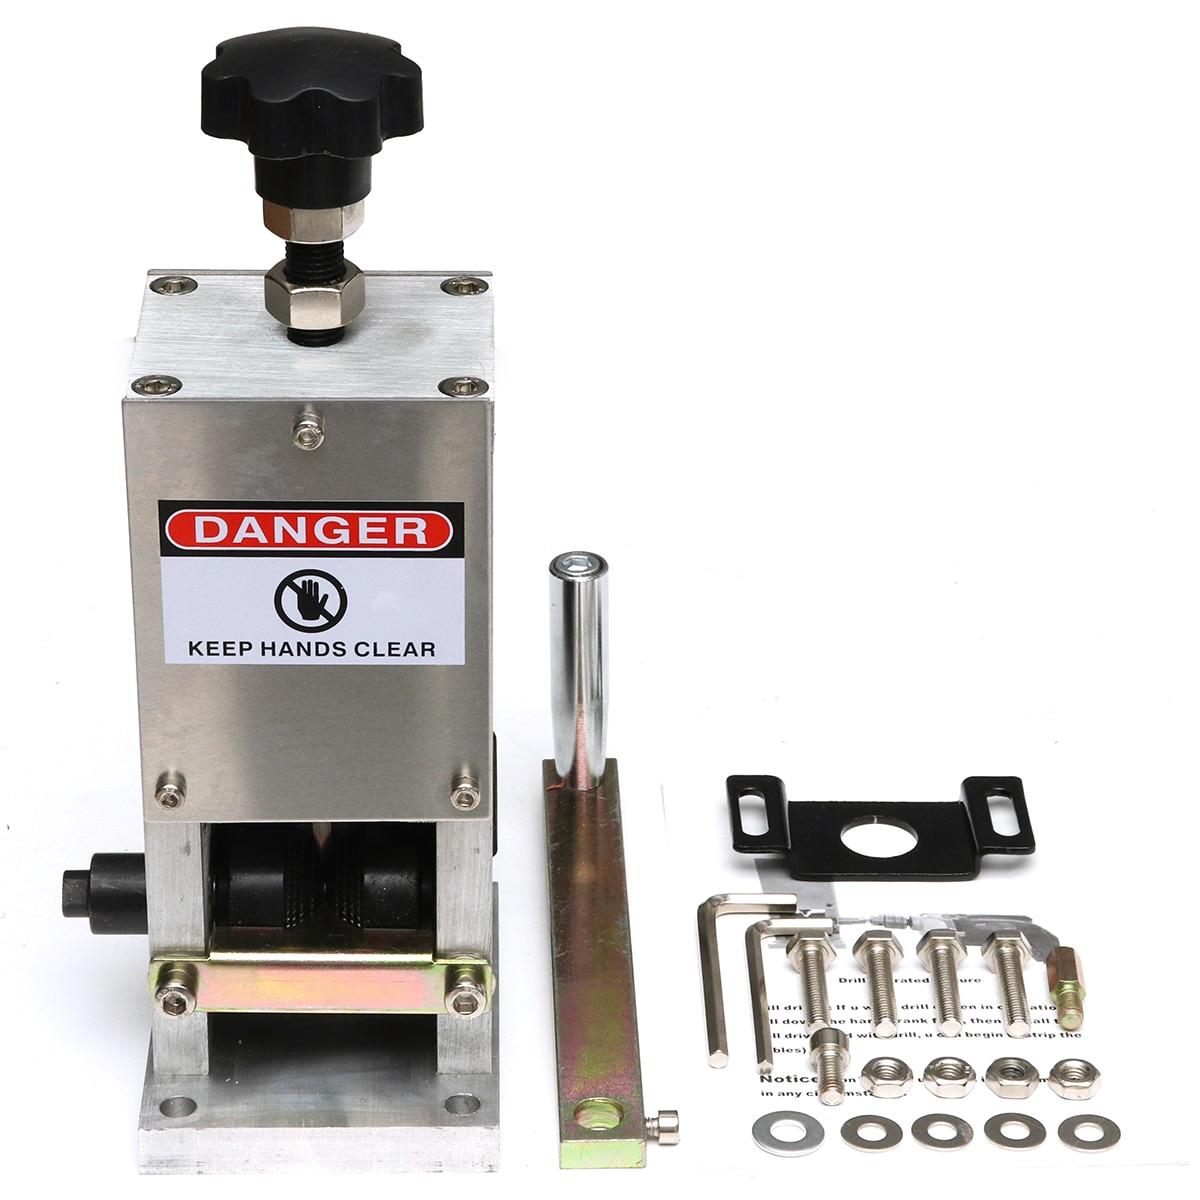 Universal Manuel câble sertissage et peeling Machine Pour Le métal Fil Recycler Fil Câble Décapant Décapage